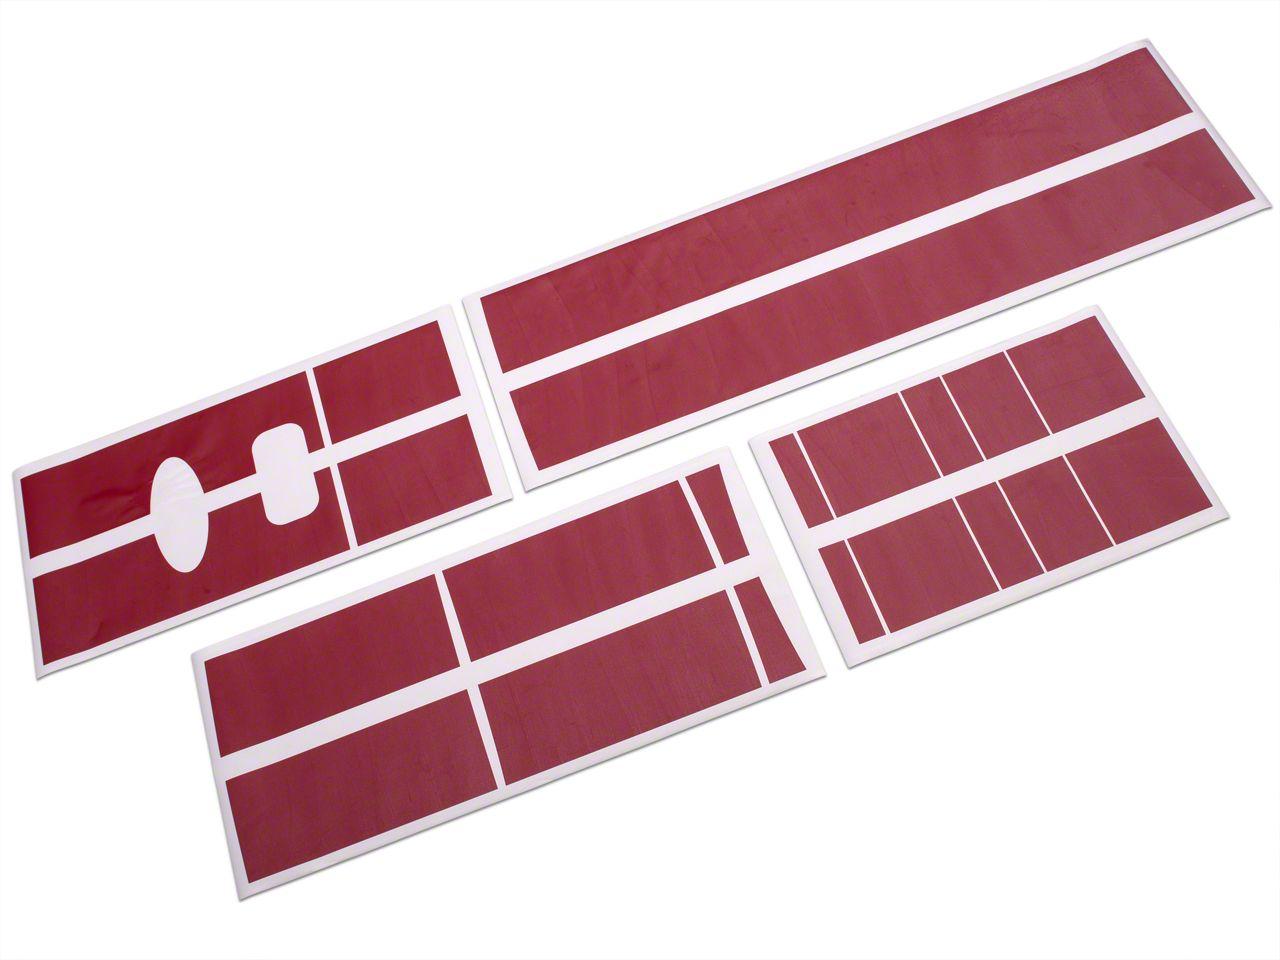 Roush Red Stripe Kit - Top (04-08 SuperCab, SuperCrew)